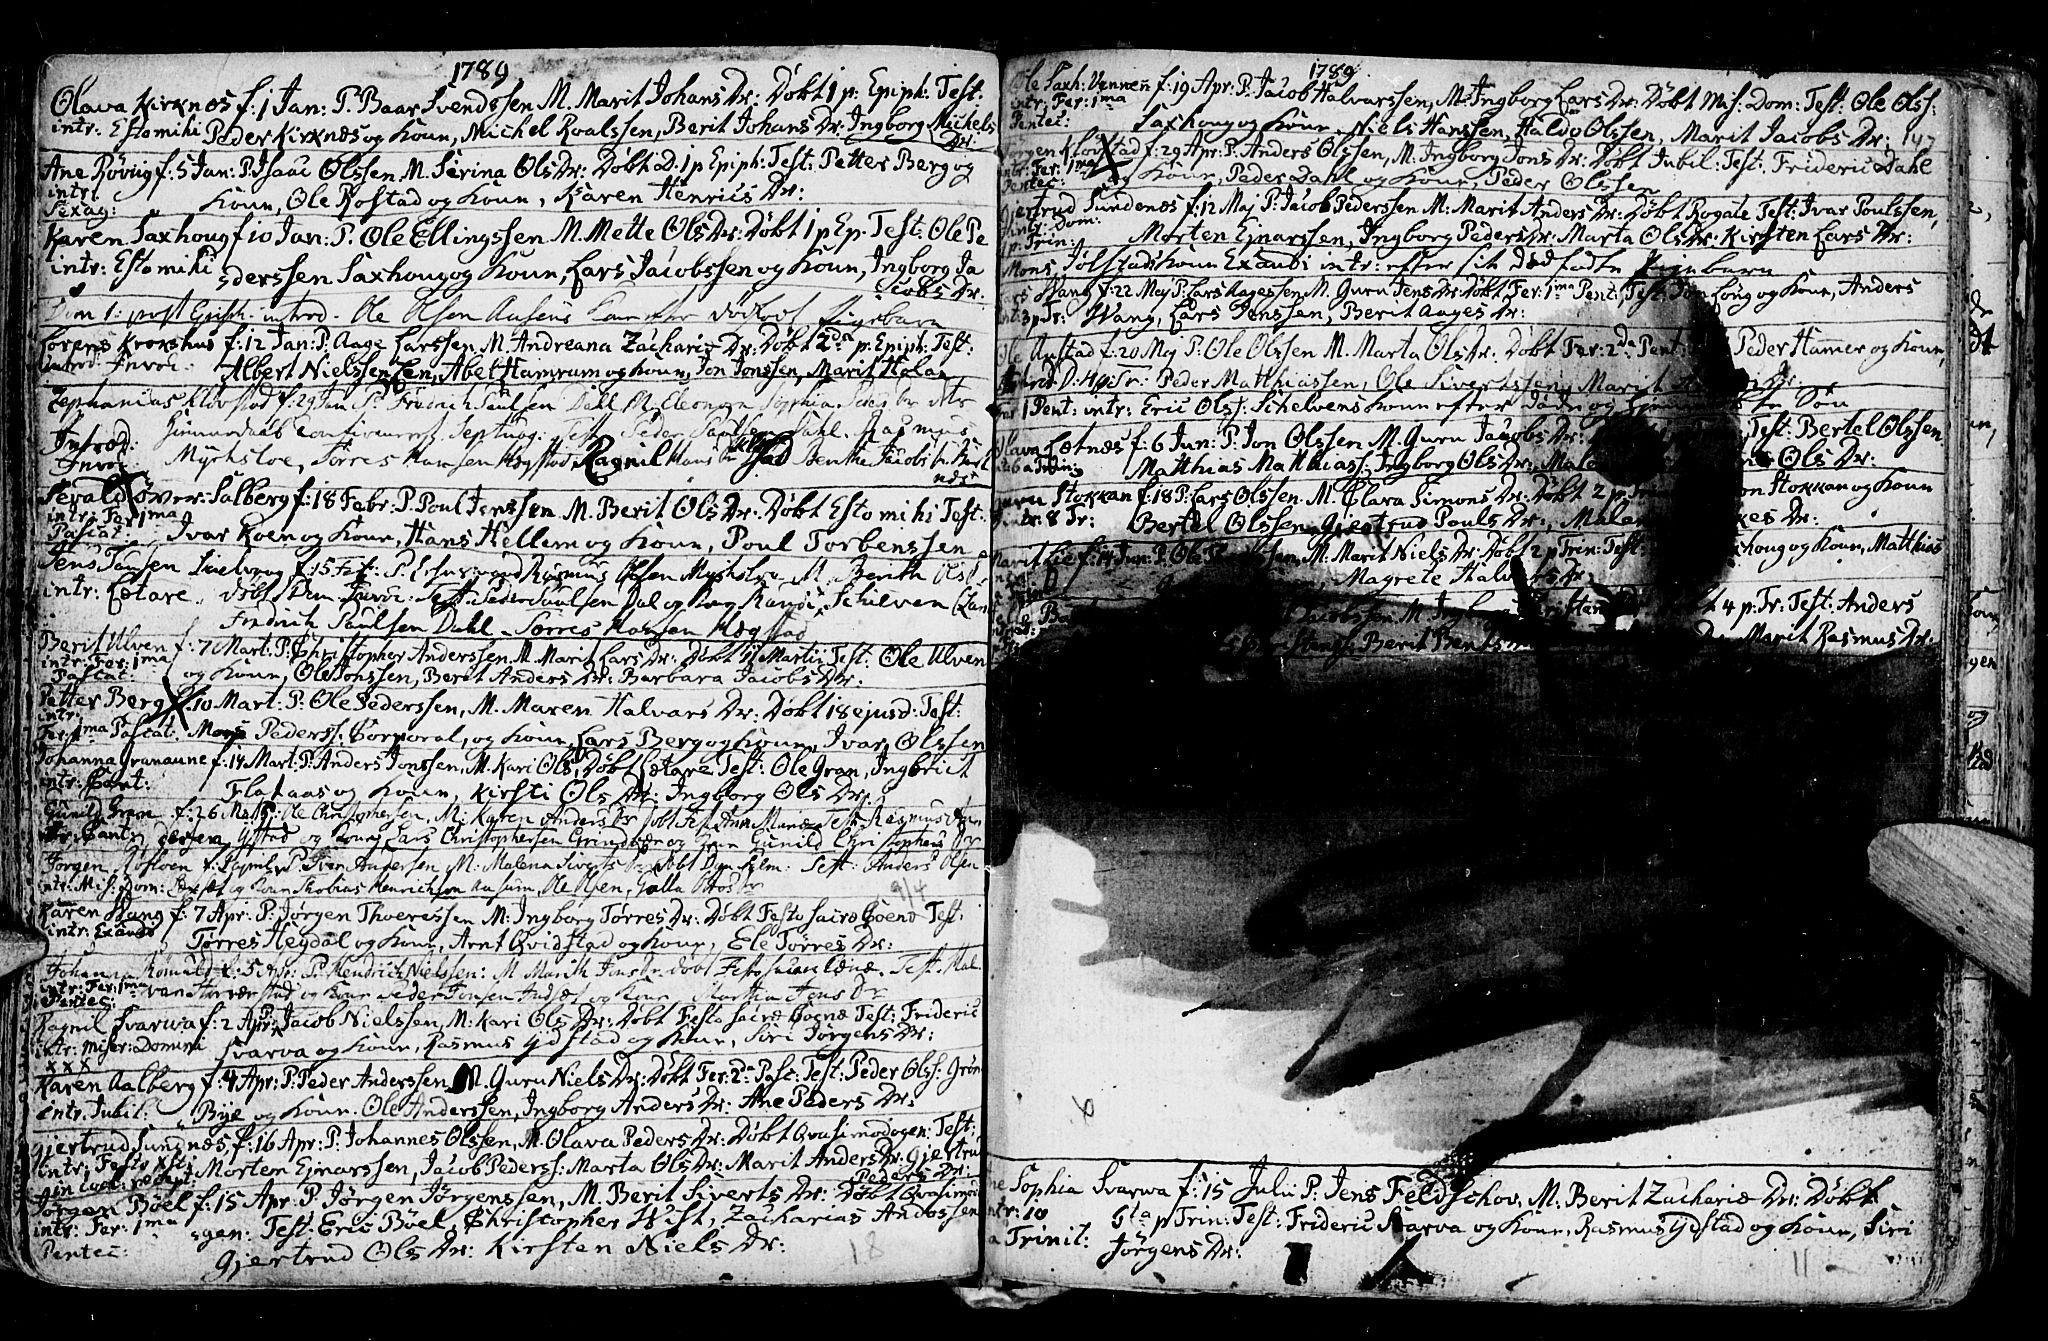 SAT, Ministerialprotokoller, klokkerbøker og fødselsregistre - Nord-Trøndelag, 730/L0273: Ministerialbok nr. 730A02, 1762-1802, s. 147